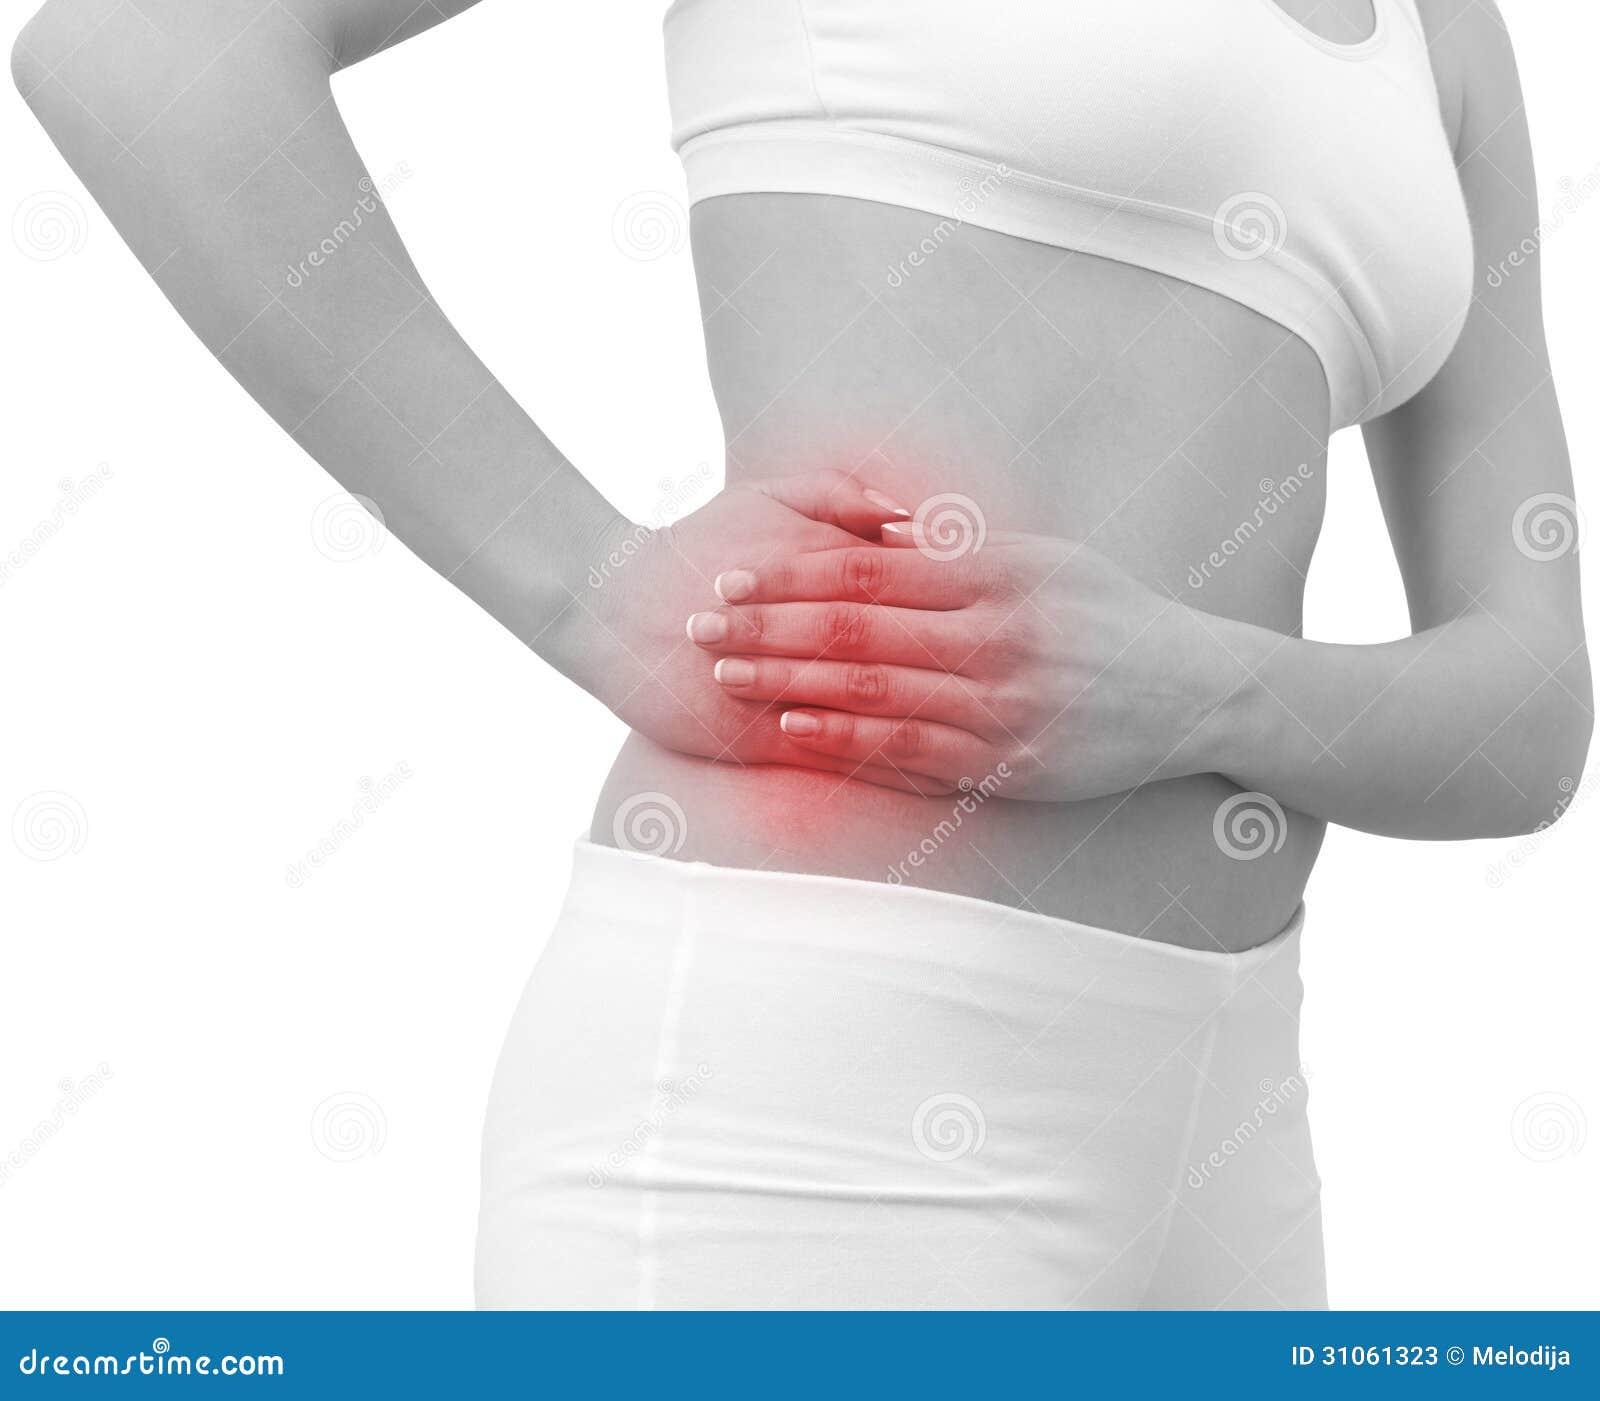 dolor agudo en el riñón